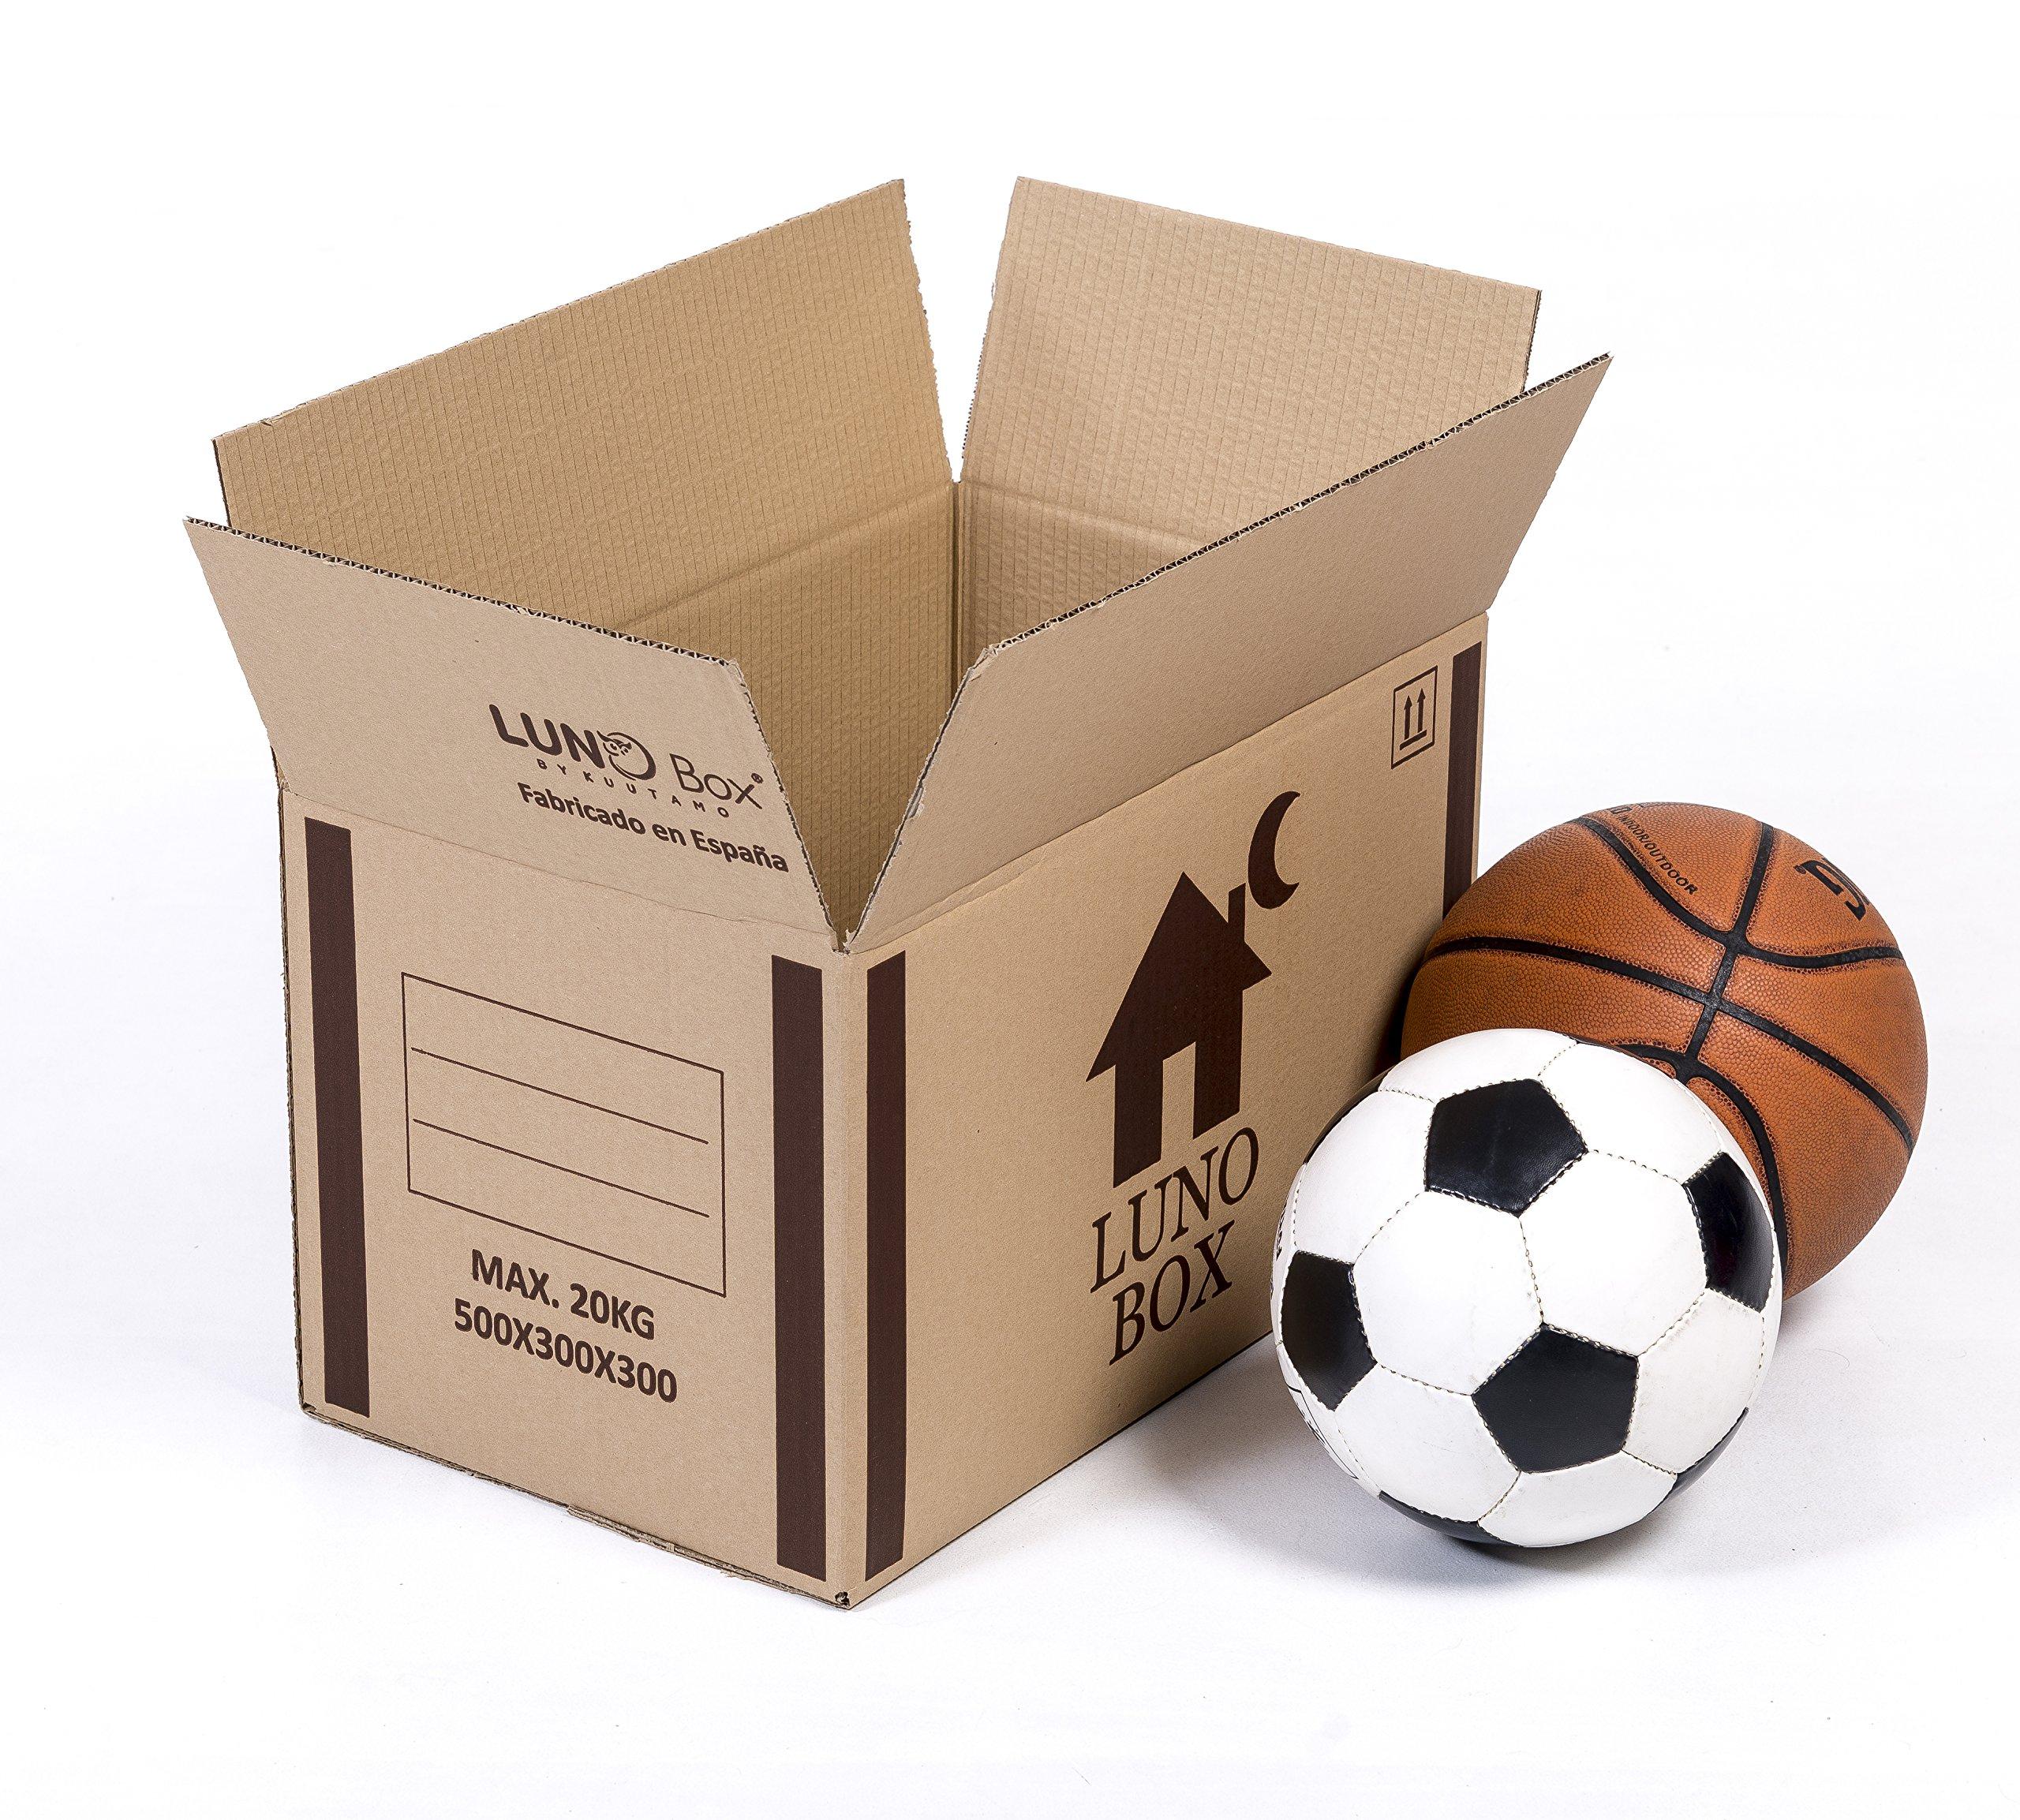 Pack de 10 Cajas de Cartón Mudanza Resistente - Canal Simple de Calidad Superior Reforzado - Tamaño 500 x 300 x 300 mm - Mudanza - Embalaje - Almacenaje - Color Marrón - Fabricadas en España